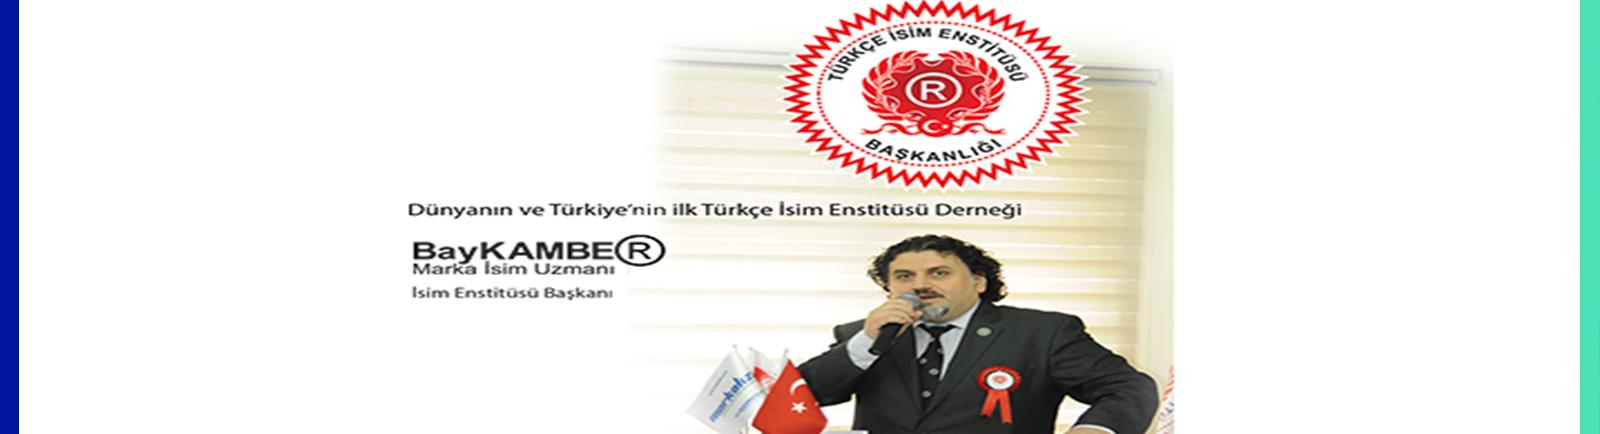 Dünyanın ve Türkiye'nin ilk Türkçe İsim Enstitüsü Derneği Açıldı